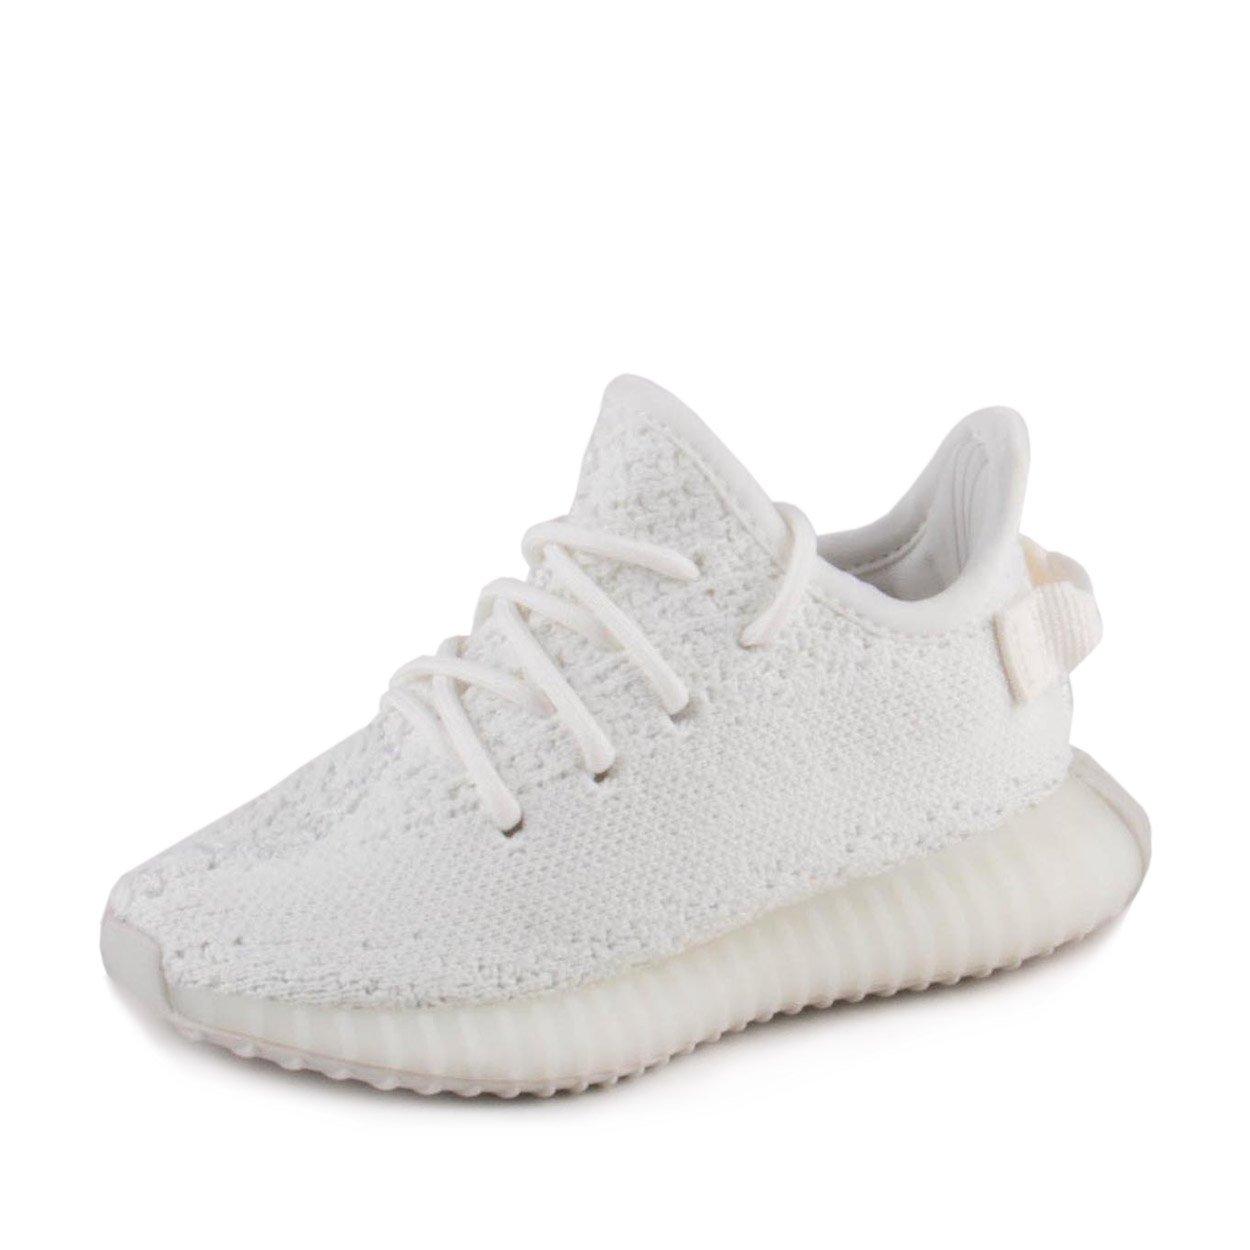 Galleon Boost Adidas V2 Triple 350 Bb6373 White Infant Yeezy rarwx4qH